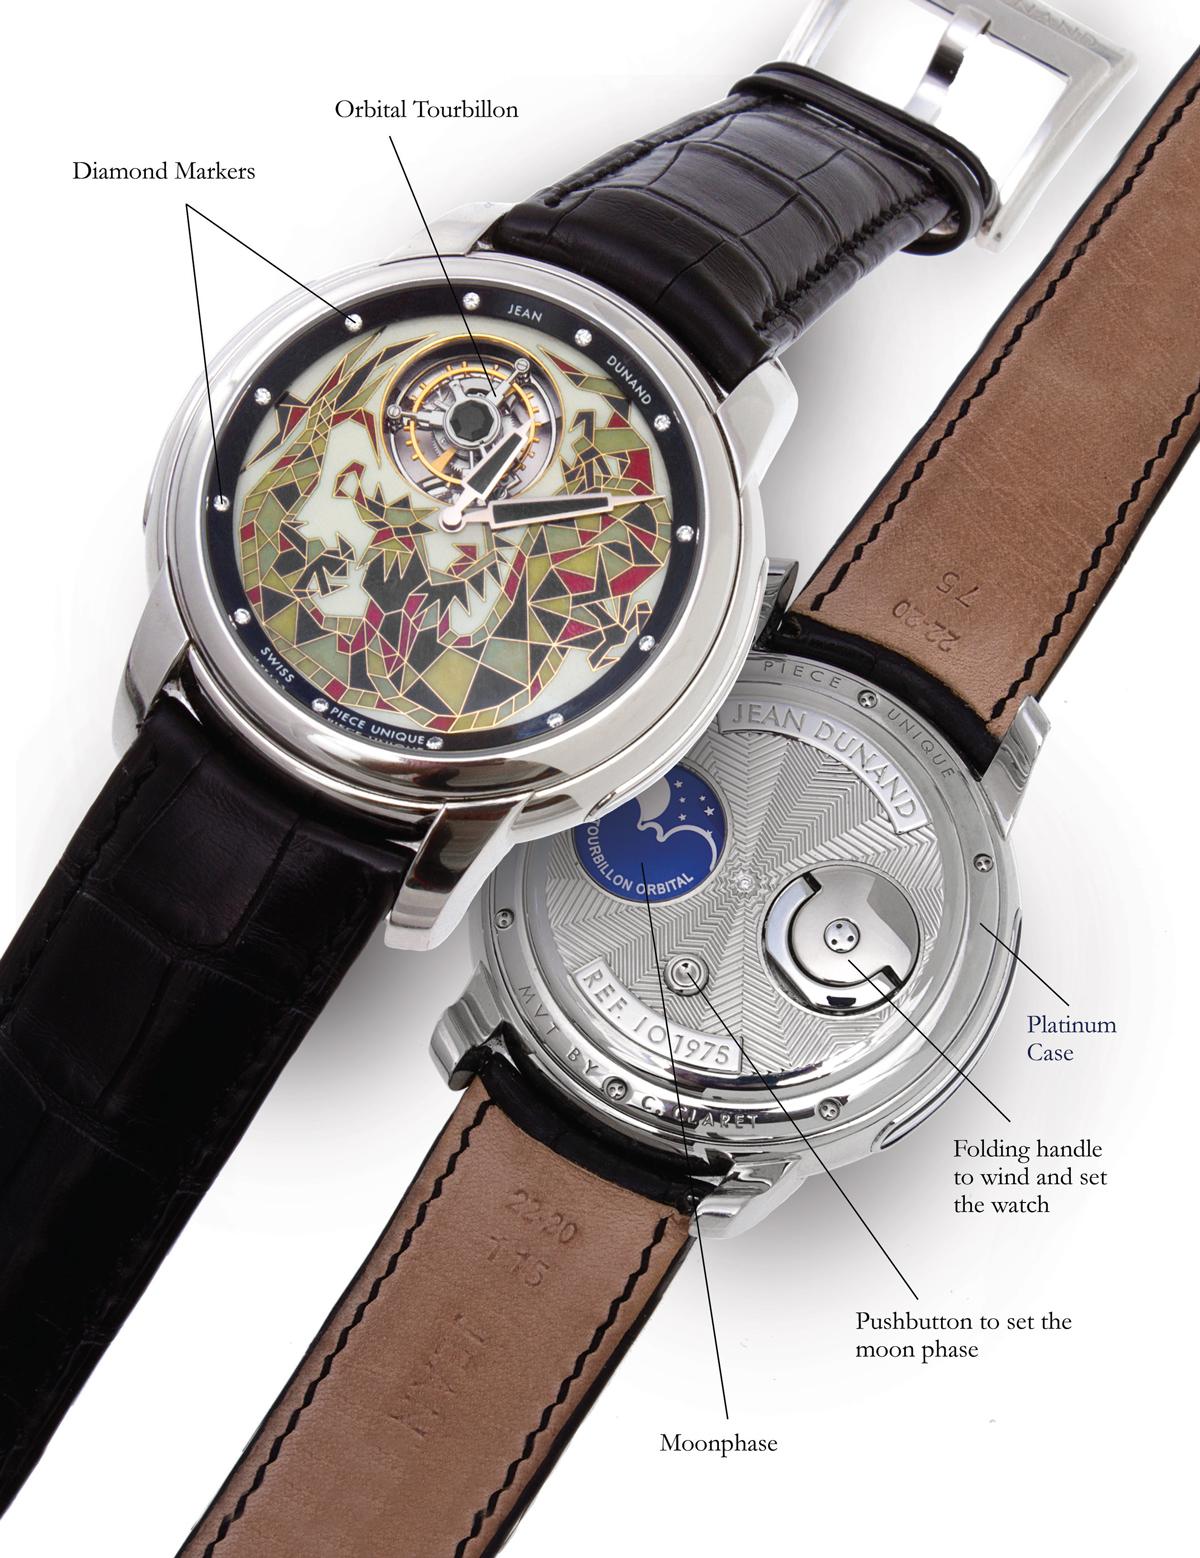 Jean Dunand Orbital Tourbillon-watch